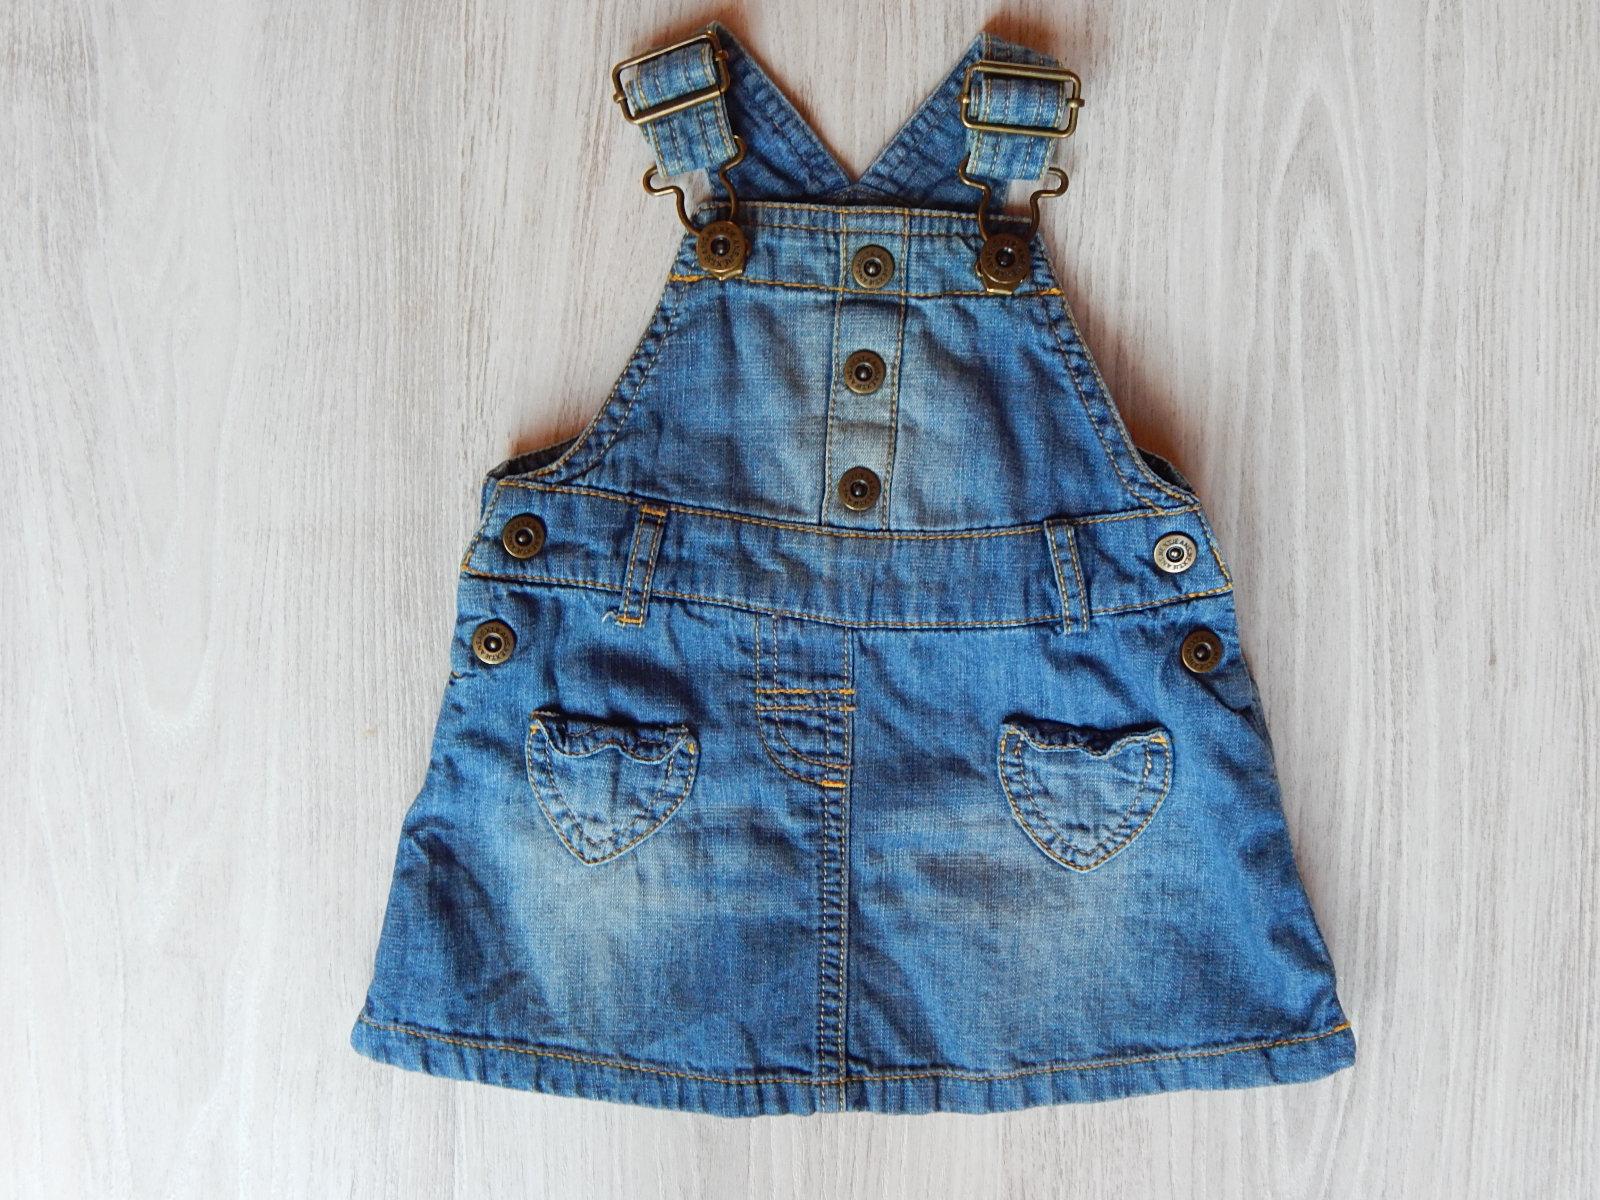 2a528162de Next farmer ruha [62 (0-3 hó) / Lány ruhák] :: Lótusz Gyerekruha Webshop